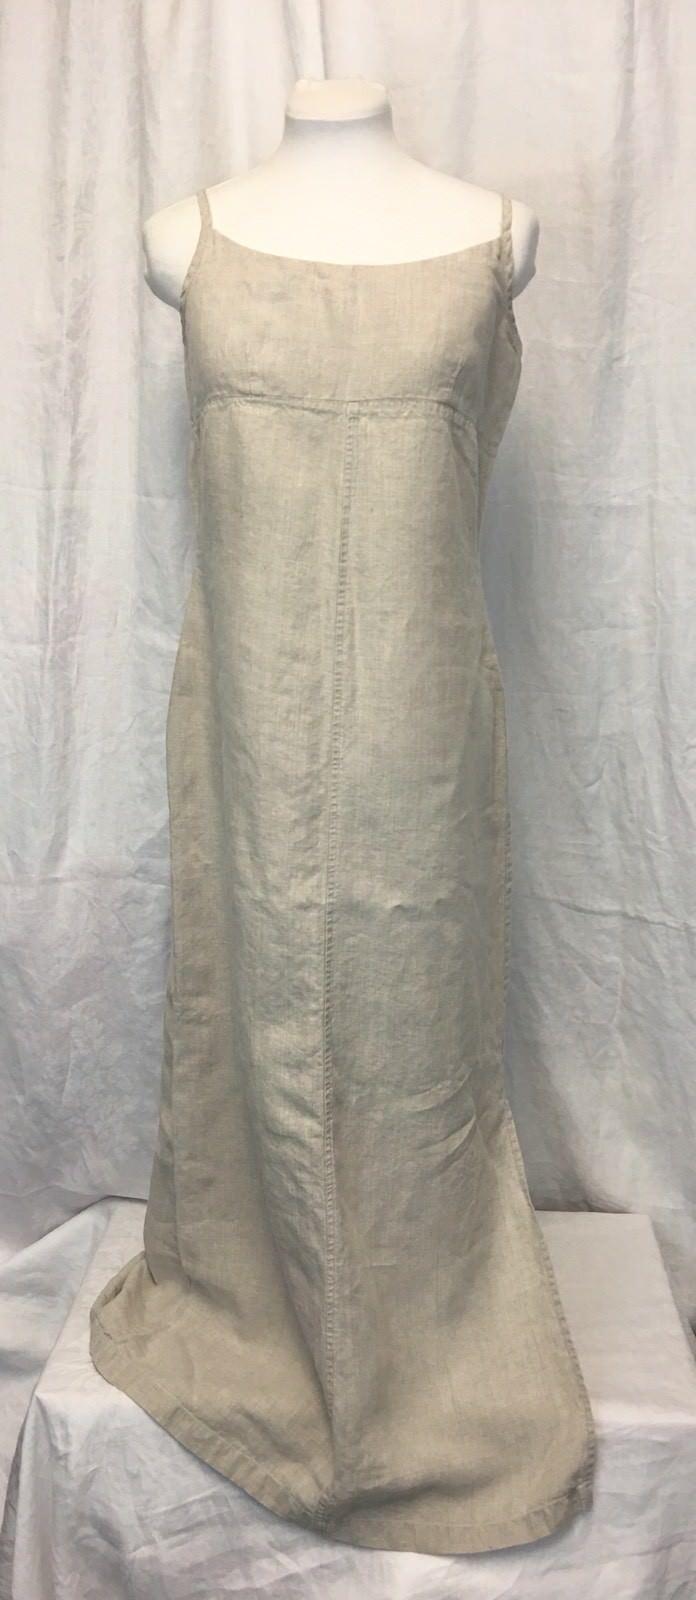 Empire Waist Natural Linen Maxi Dress Size 9 Sleeveless